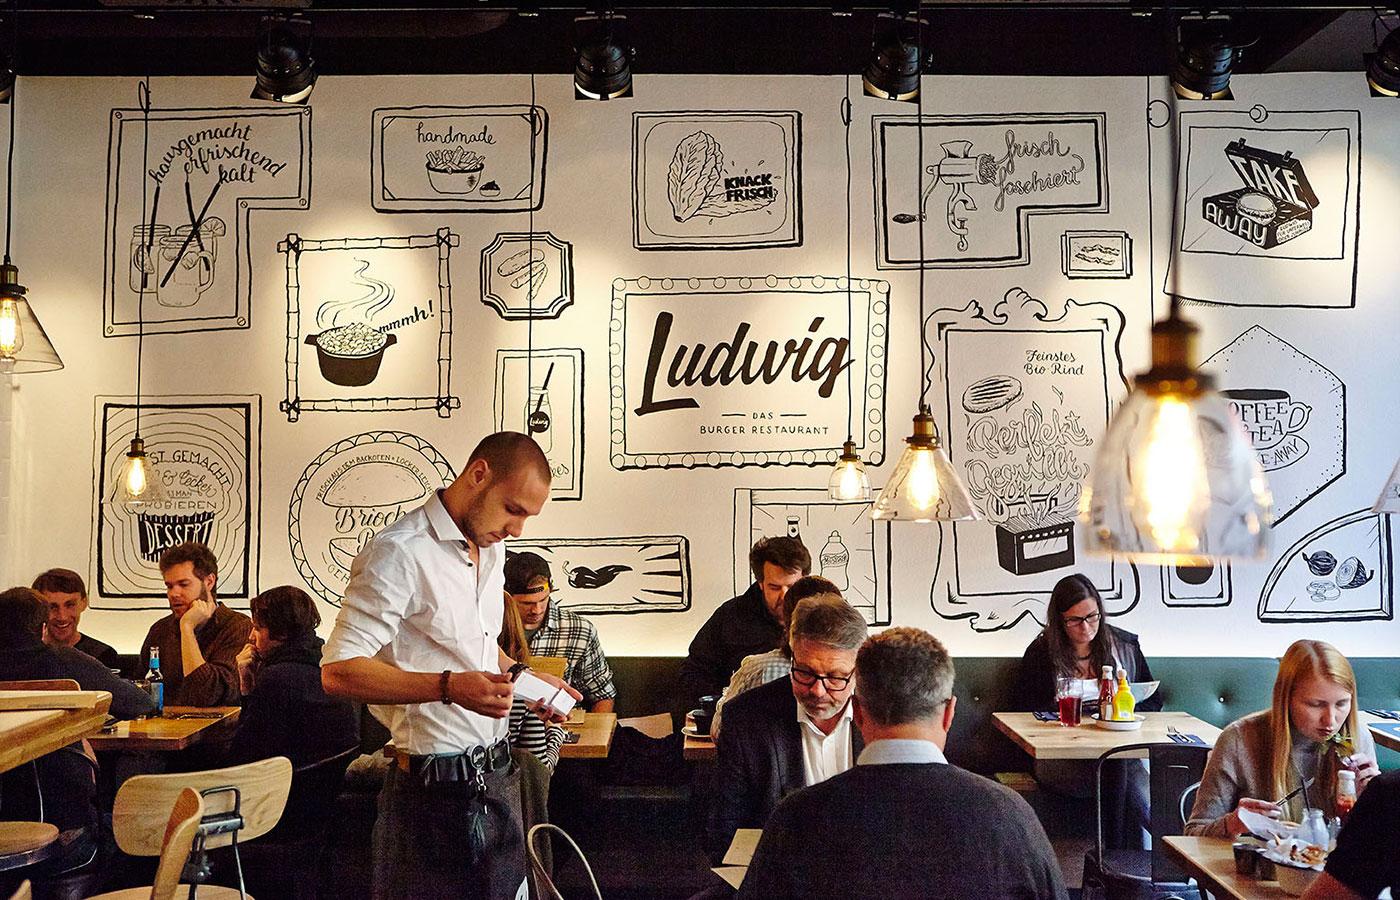 Einrichtung und Ausstattung von Restaurants, Wirtshäusern und Birstros - aus Österreich von ID-Werkstatt. Beispielbild Das Burgerrestaurant Ludwig in Wien